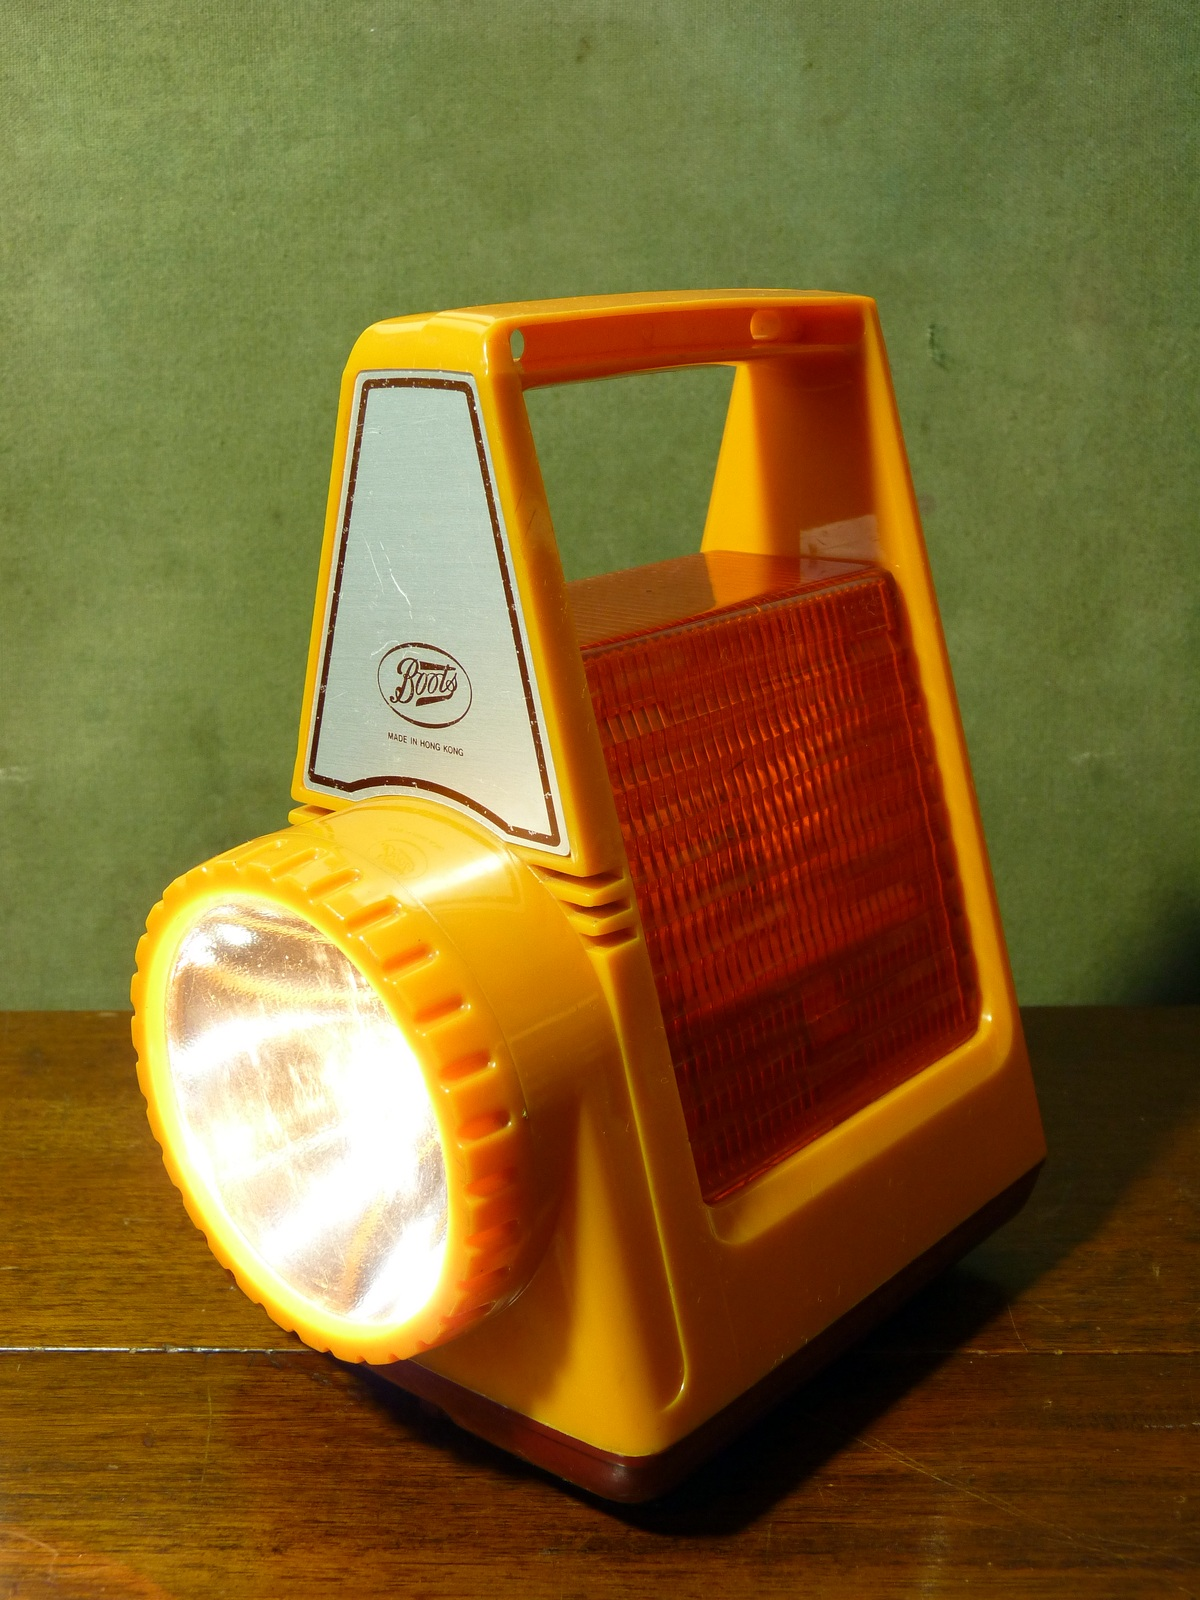 Boots Vintage Motoring Torch Warning Lamp Orange